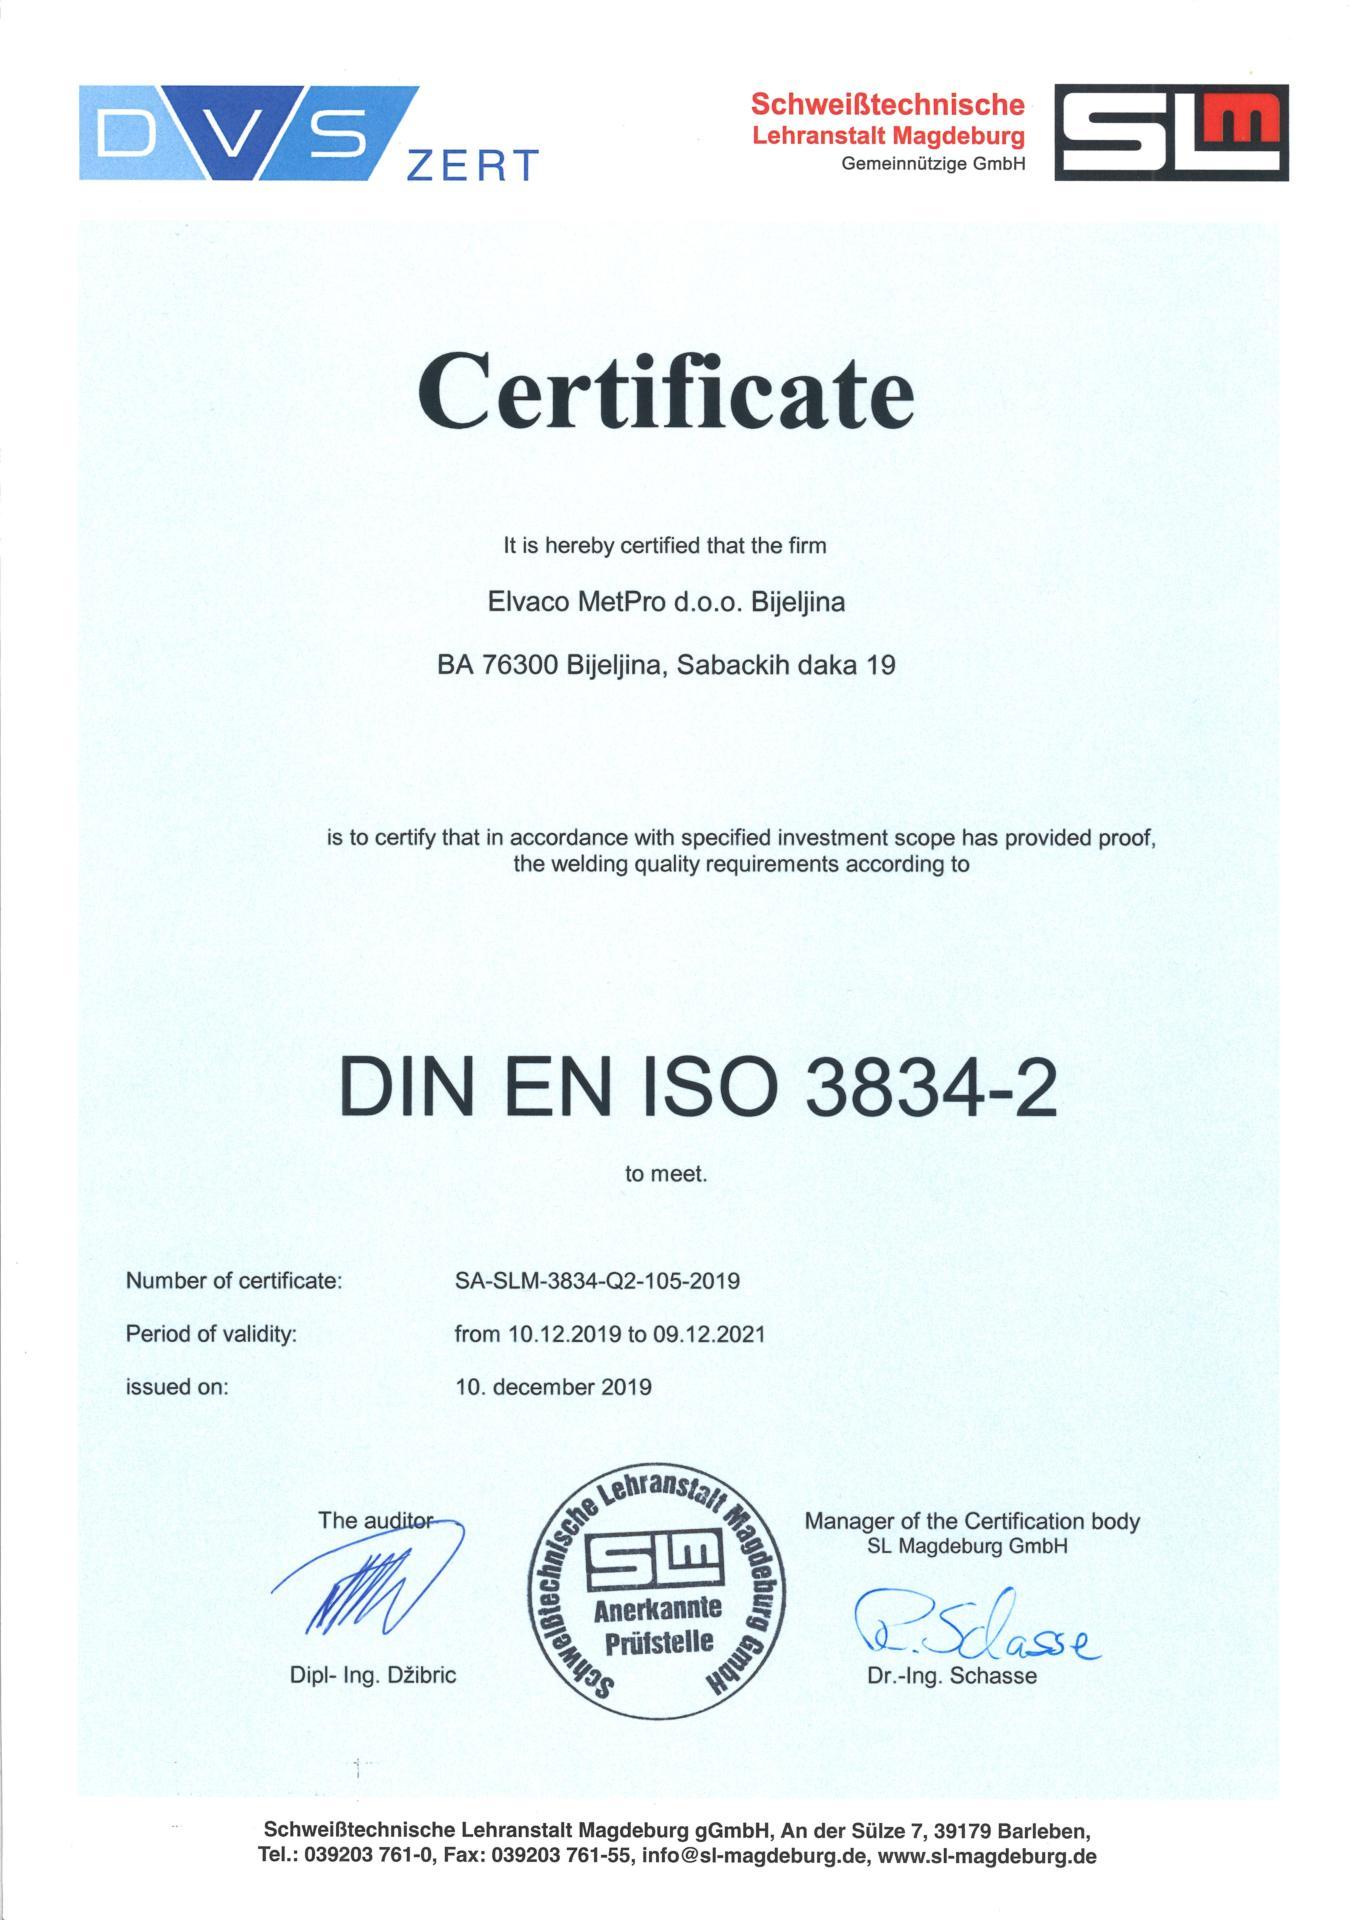 Elvaco MetPro certificate DIN EN ISO 3834-2